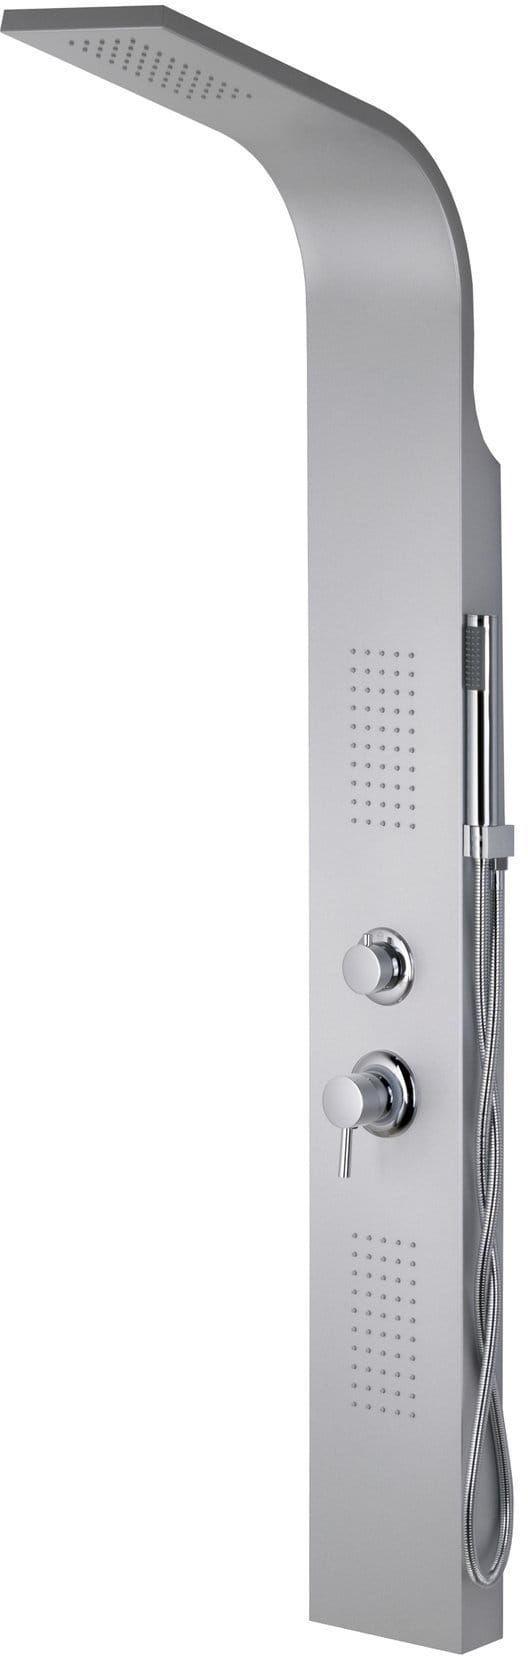 Corsan ALTO panel prysznicowy z mieszaczem gwiezdna szarość A-017M ALTO LED SREBRNY